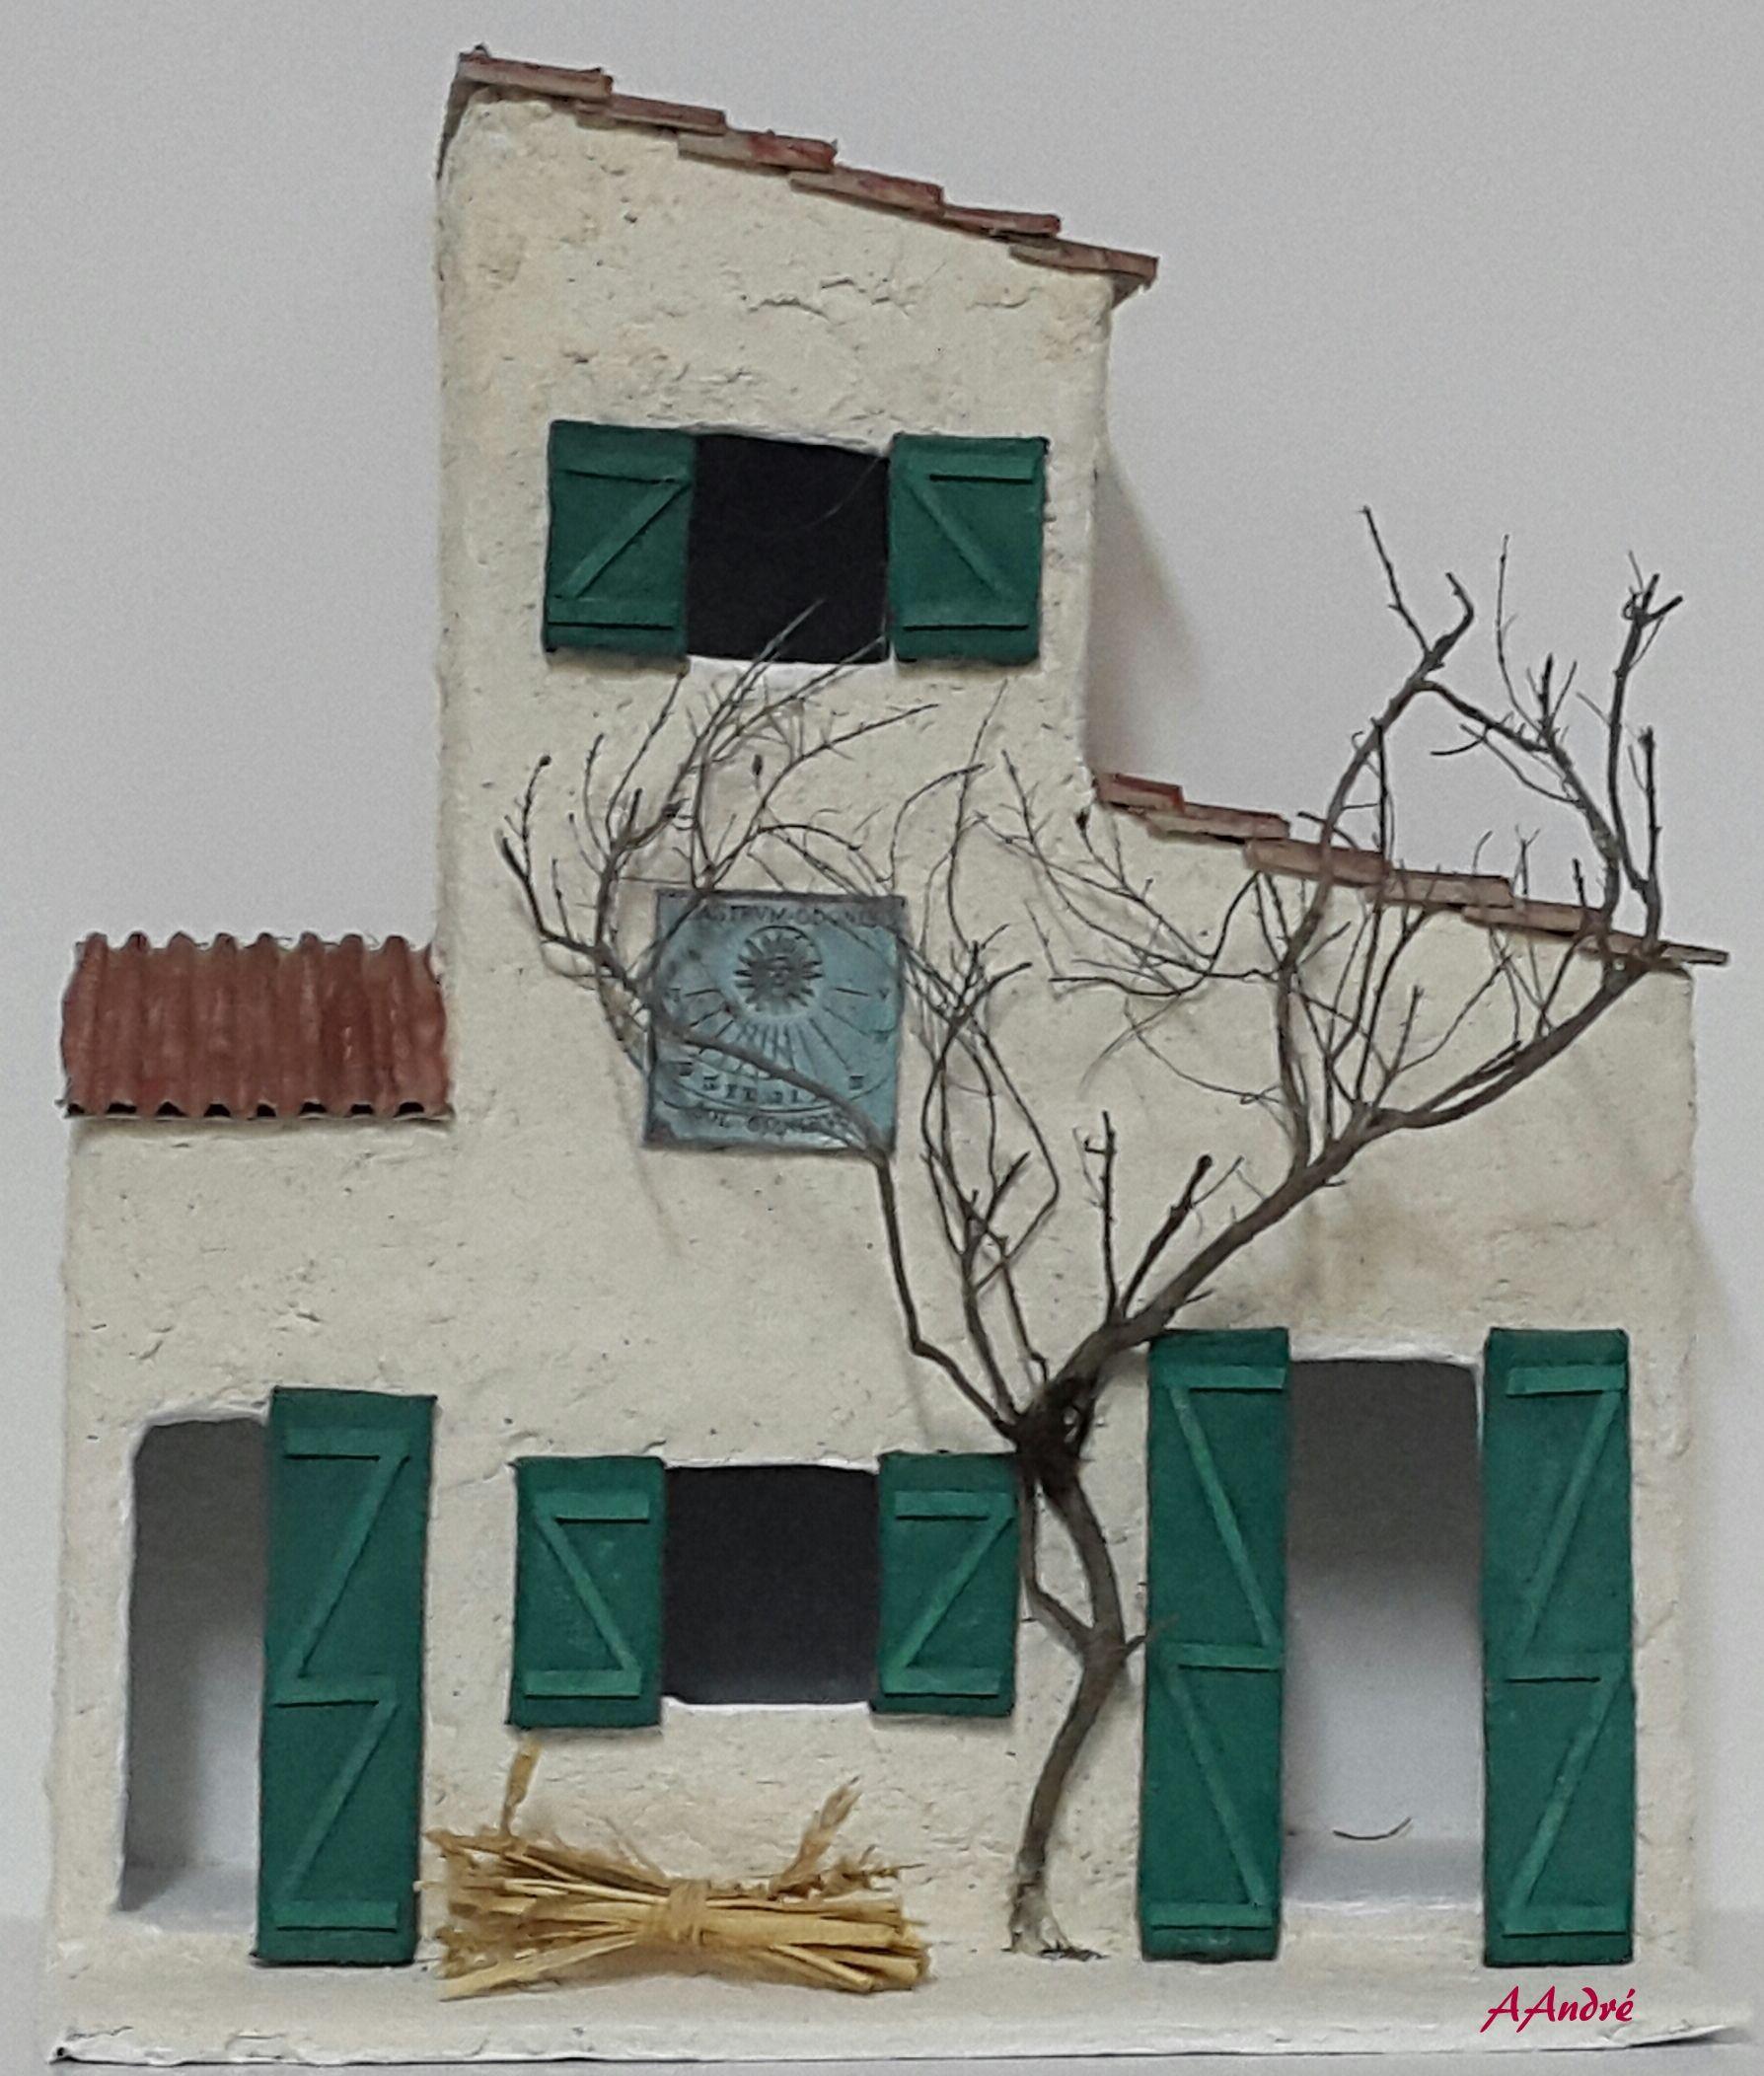 Maison de village pour la cr che de no l pessebre pinterest miniatures doll stuff and - Deco italienne maison ...